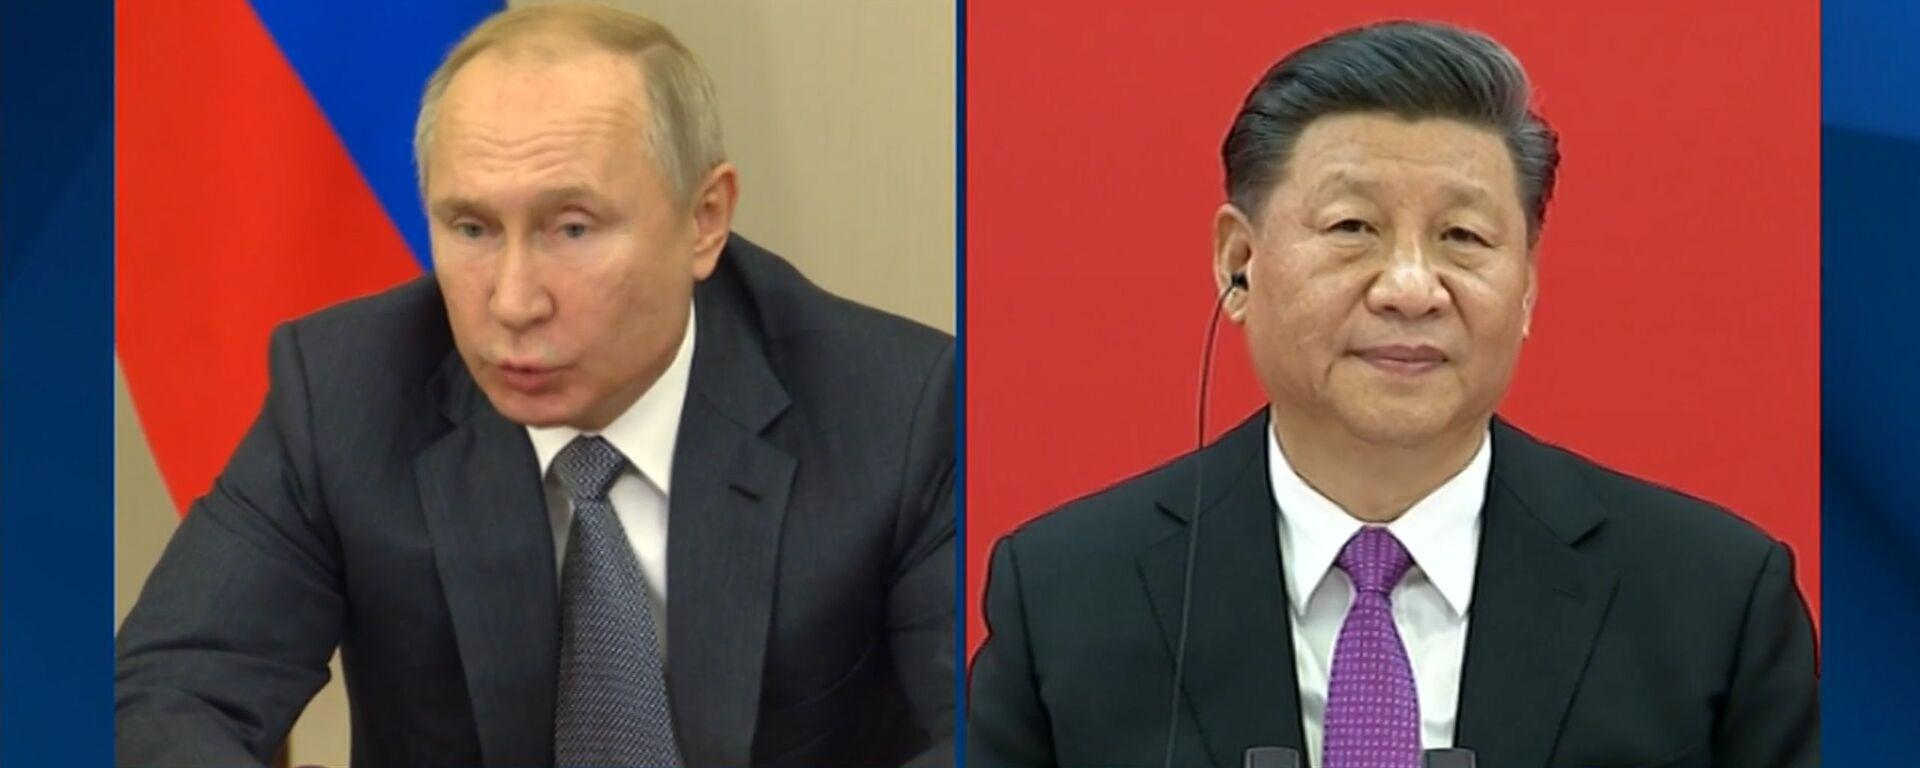 Начинайте! Смотрите, как Путин и Си открыли газопровод Сила Сибири - Sputnik Латвия, 1920, 02.12.2019